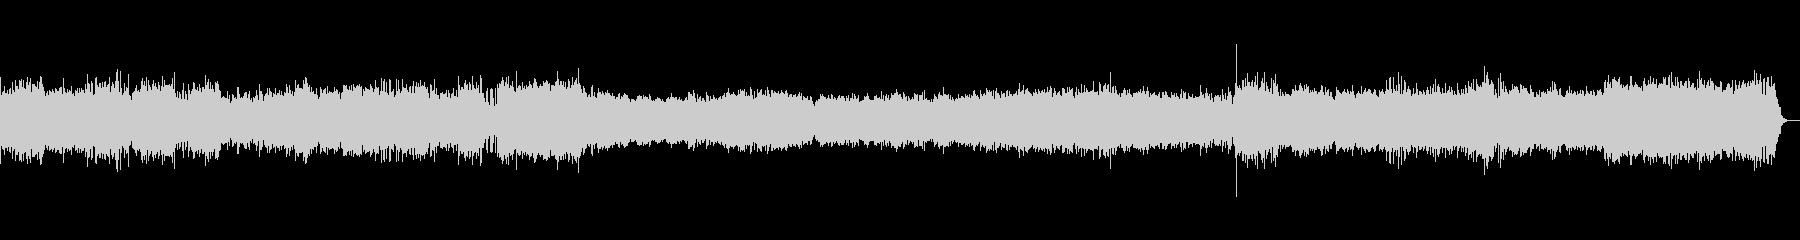 ドキュメンタリーテーマ音楽の未再生の波形